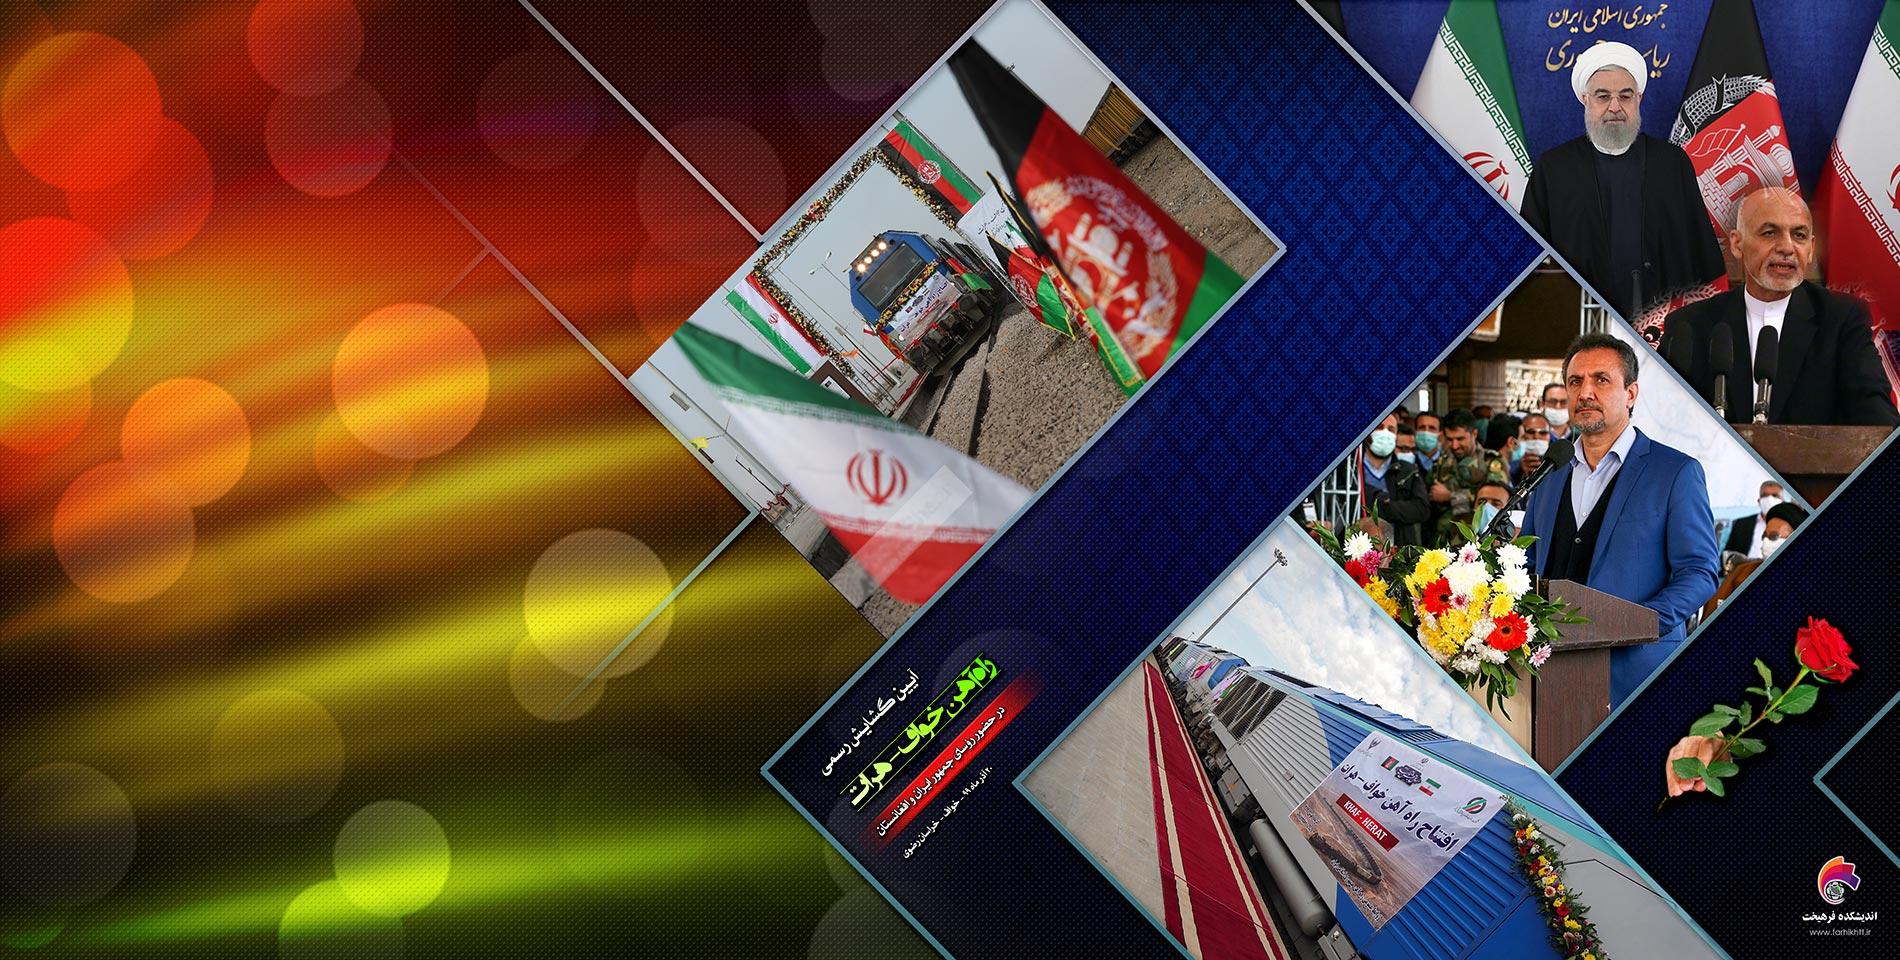 حمل و نقل/ نگارخانه فرهیخت: گشایش رسمی راه آهن خواف - هرات در حضور رؤسای جمهور ایران و افغانستان